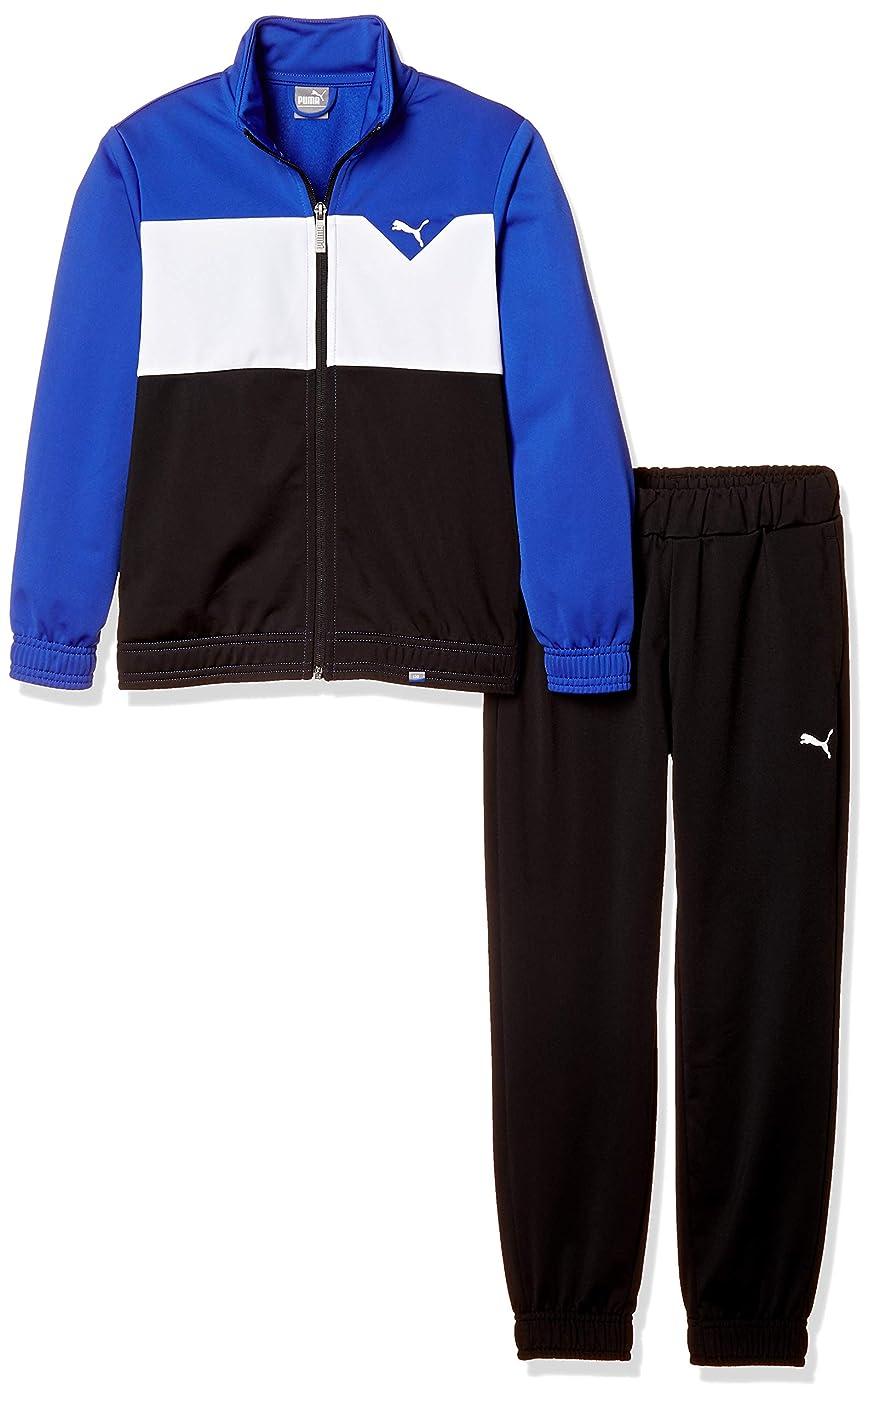 イソギンチャクハンカチスーツケース[プーマ] トレーニングウェア トリコット スーツ [ボーイズ] 843976